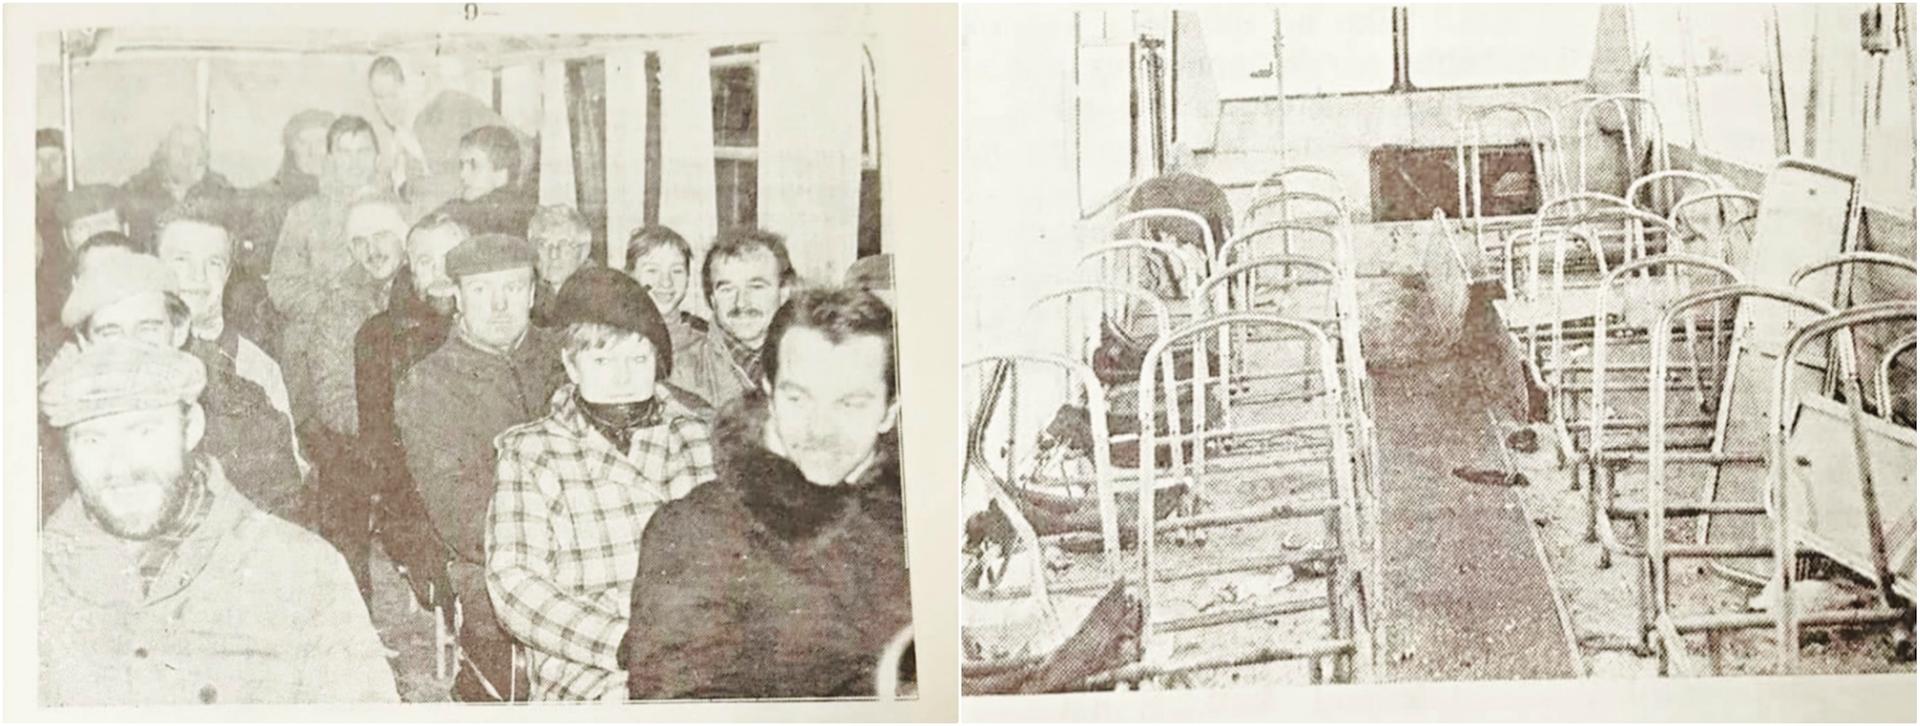 """Į Vilnių saugoti Aukščiausiosios Tarybos ir kitų objektų iš Kėdainių išvažiavo pilni autobusai. ATĮ autobusas, kuriuo į priekį su bičiuliais važiavo A. Ardavičius, iš sostinės po kruvinųjų sausio 13-osios įvykių grįžo Sovietų Sąjungos kareivių sumaitotas. Nuotr. """"Naktyje"""", """"Kėdainių garso redakcija"""", 1991 m."""